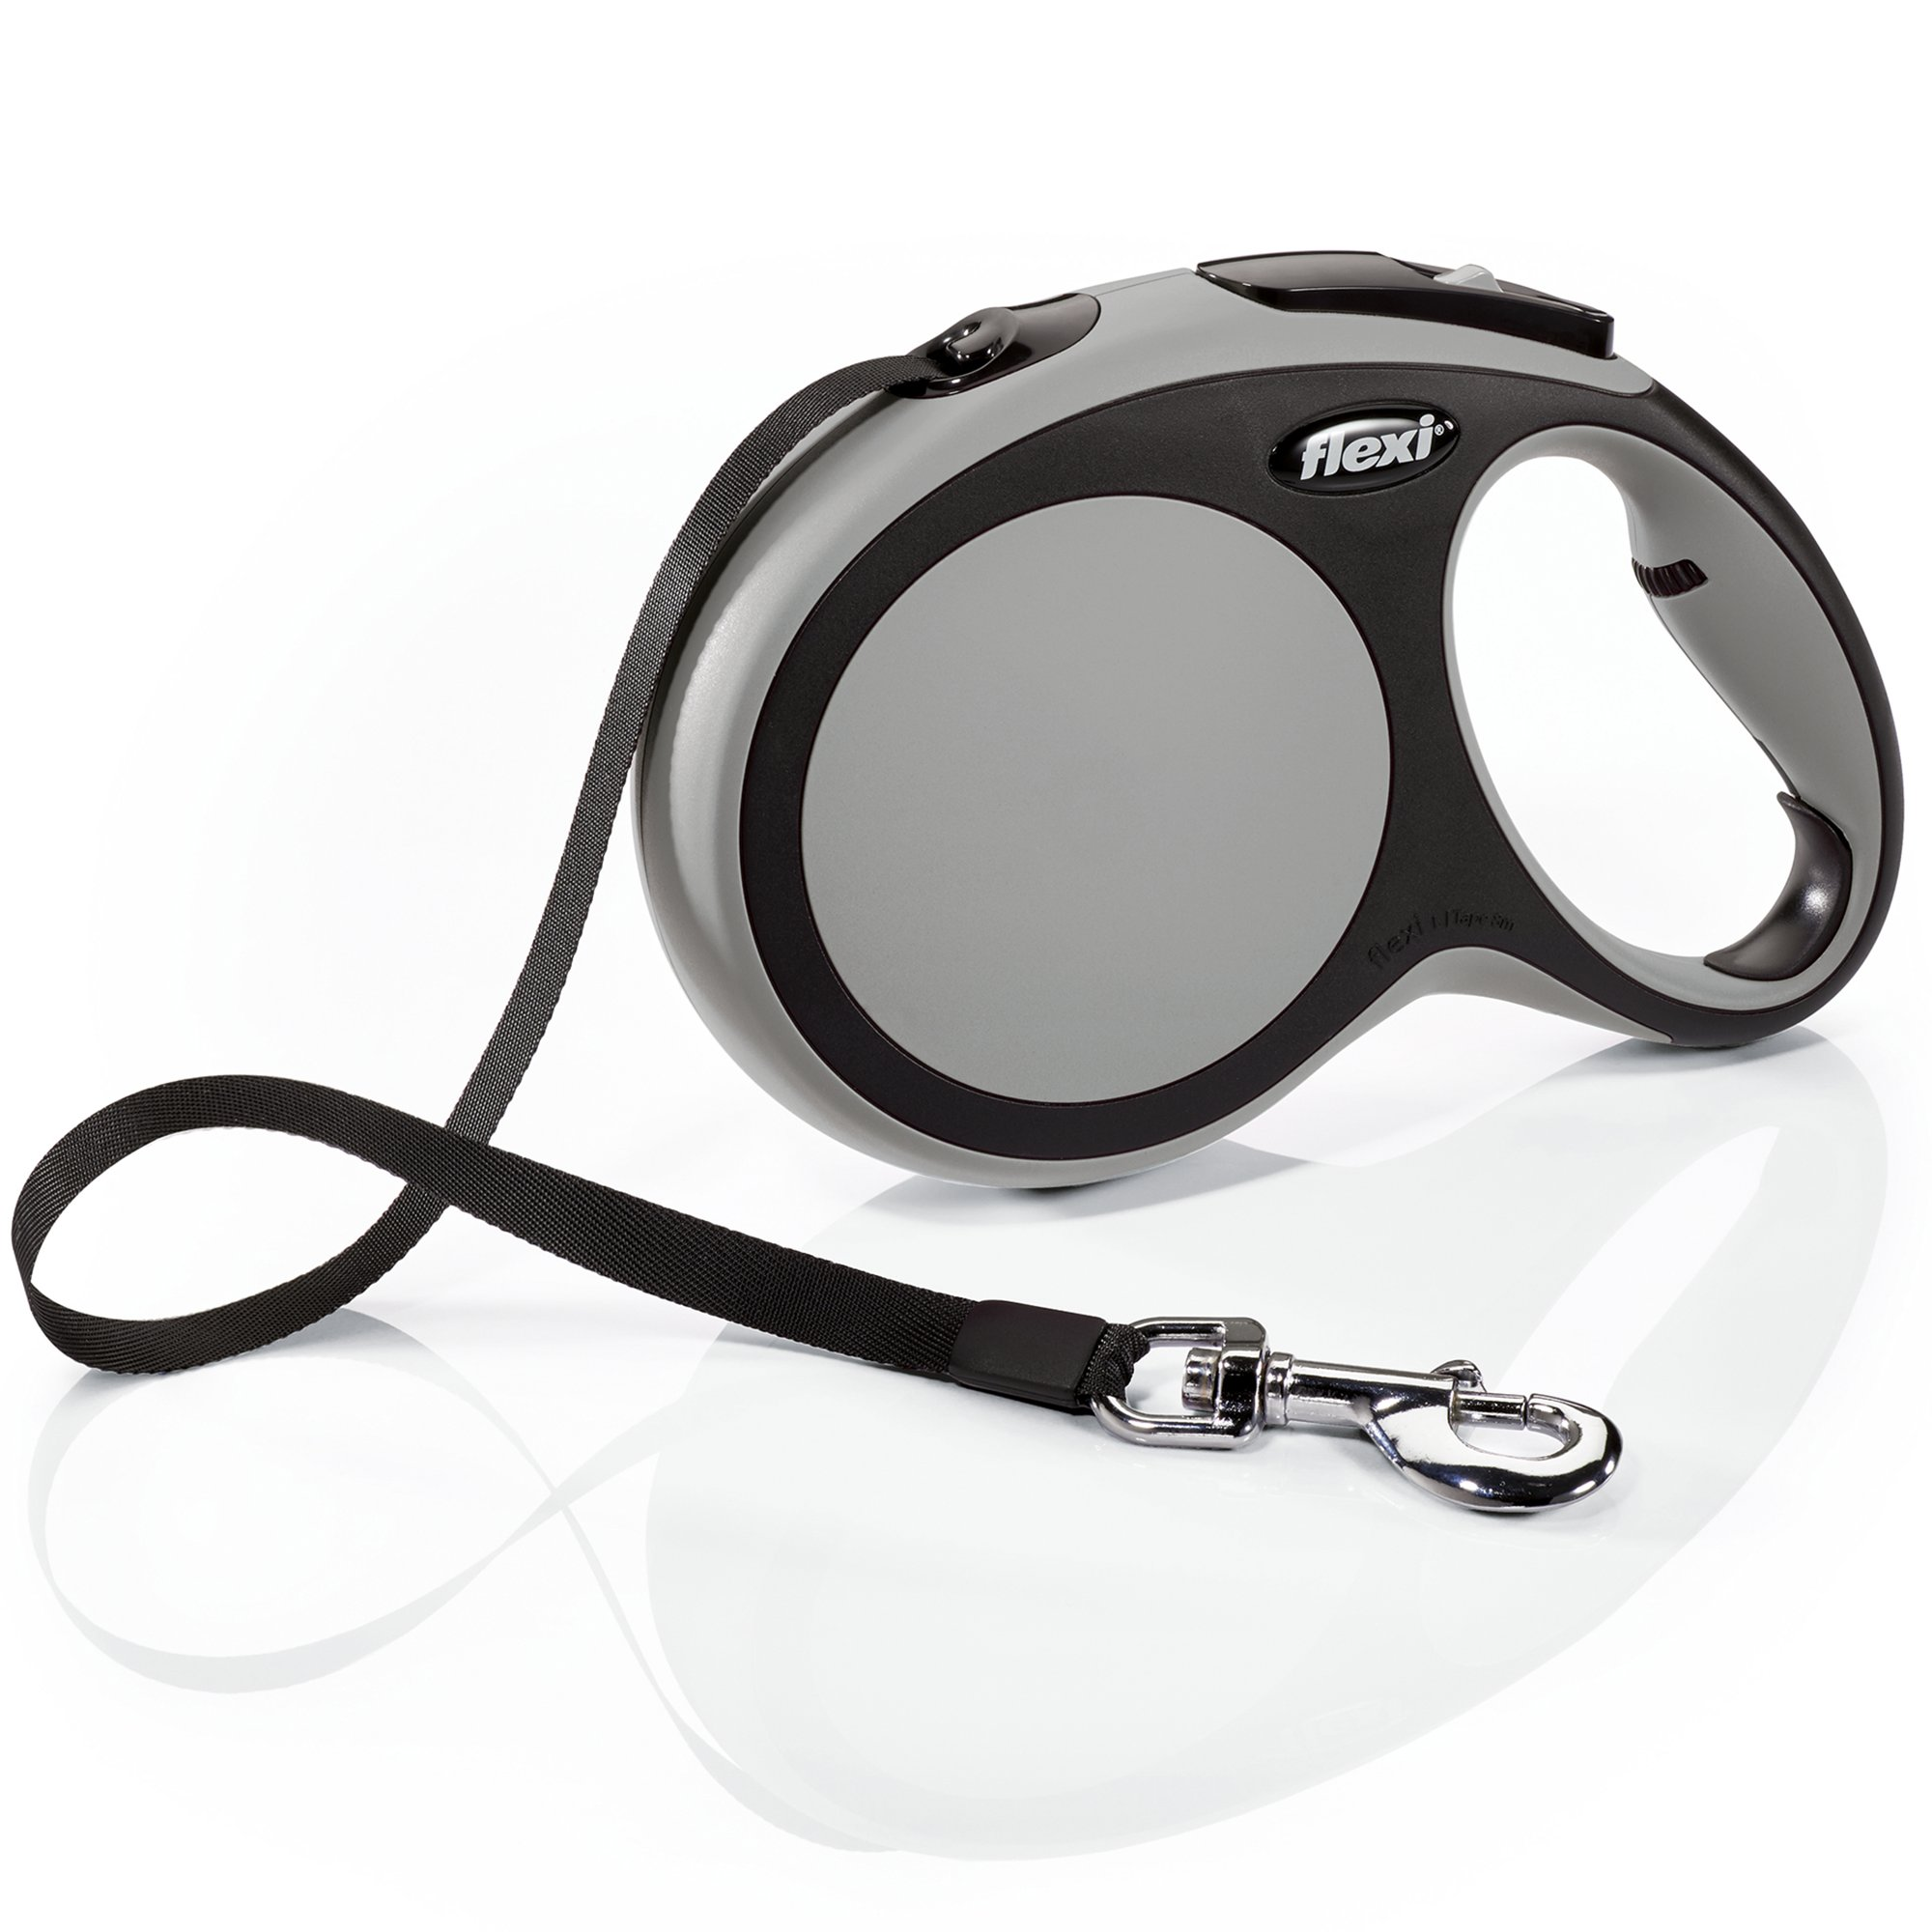 Flexi Comfort Retractable Dog Leash in Grey, 26' | Petco at Petco in Braselton, GA | Tuggl